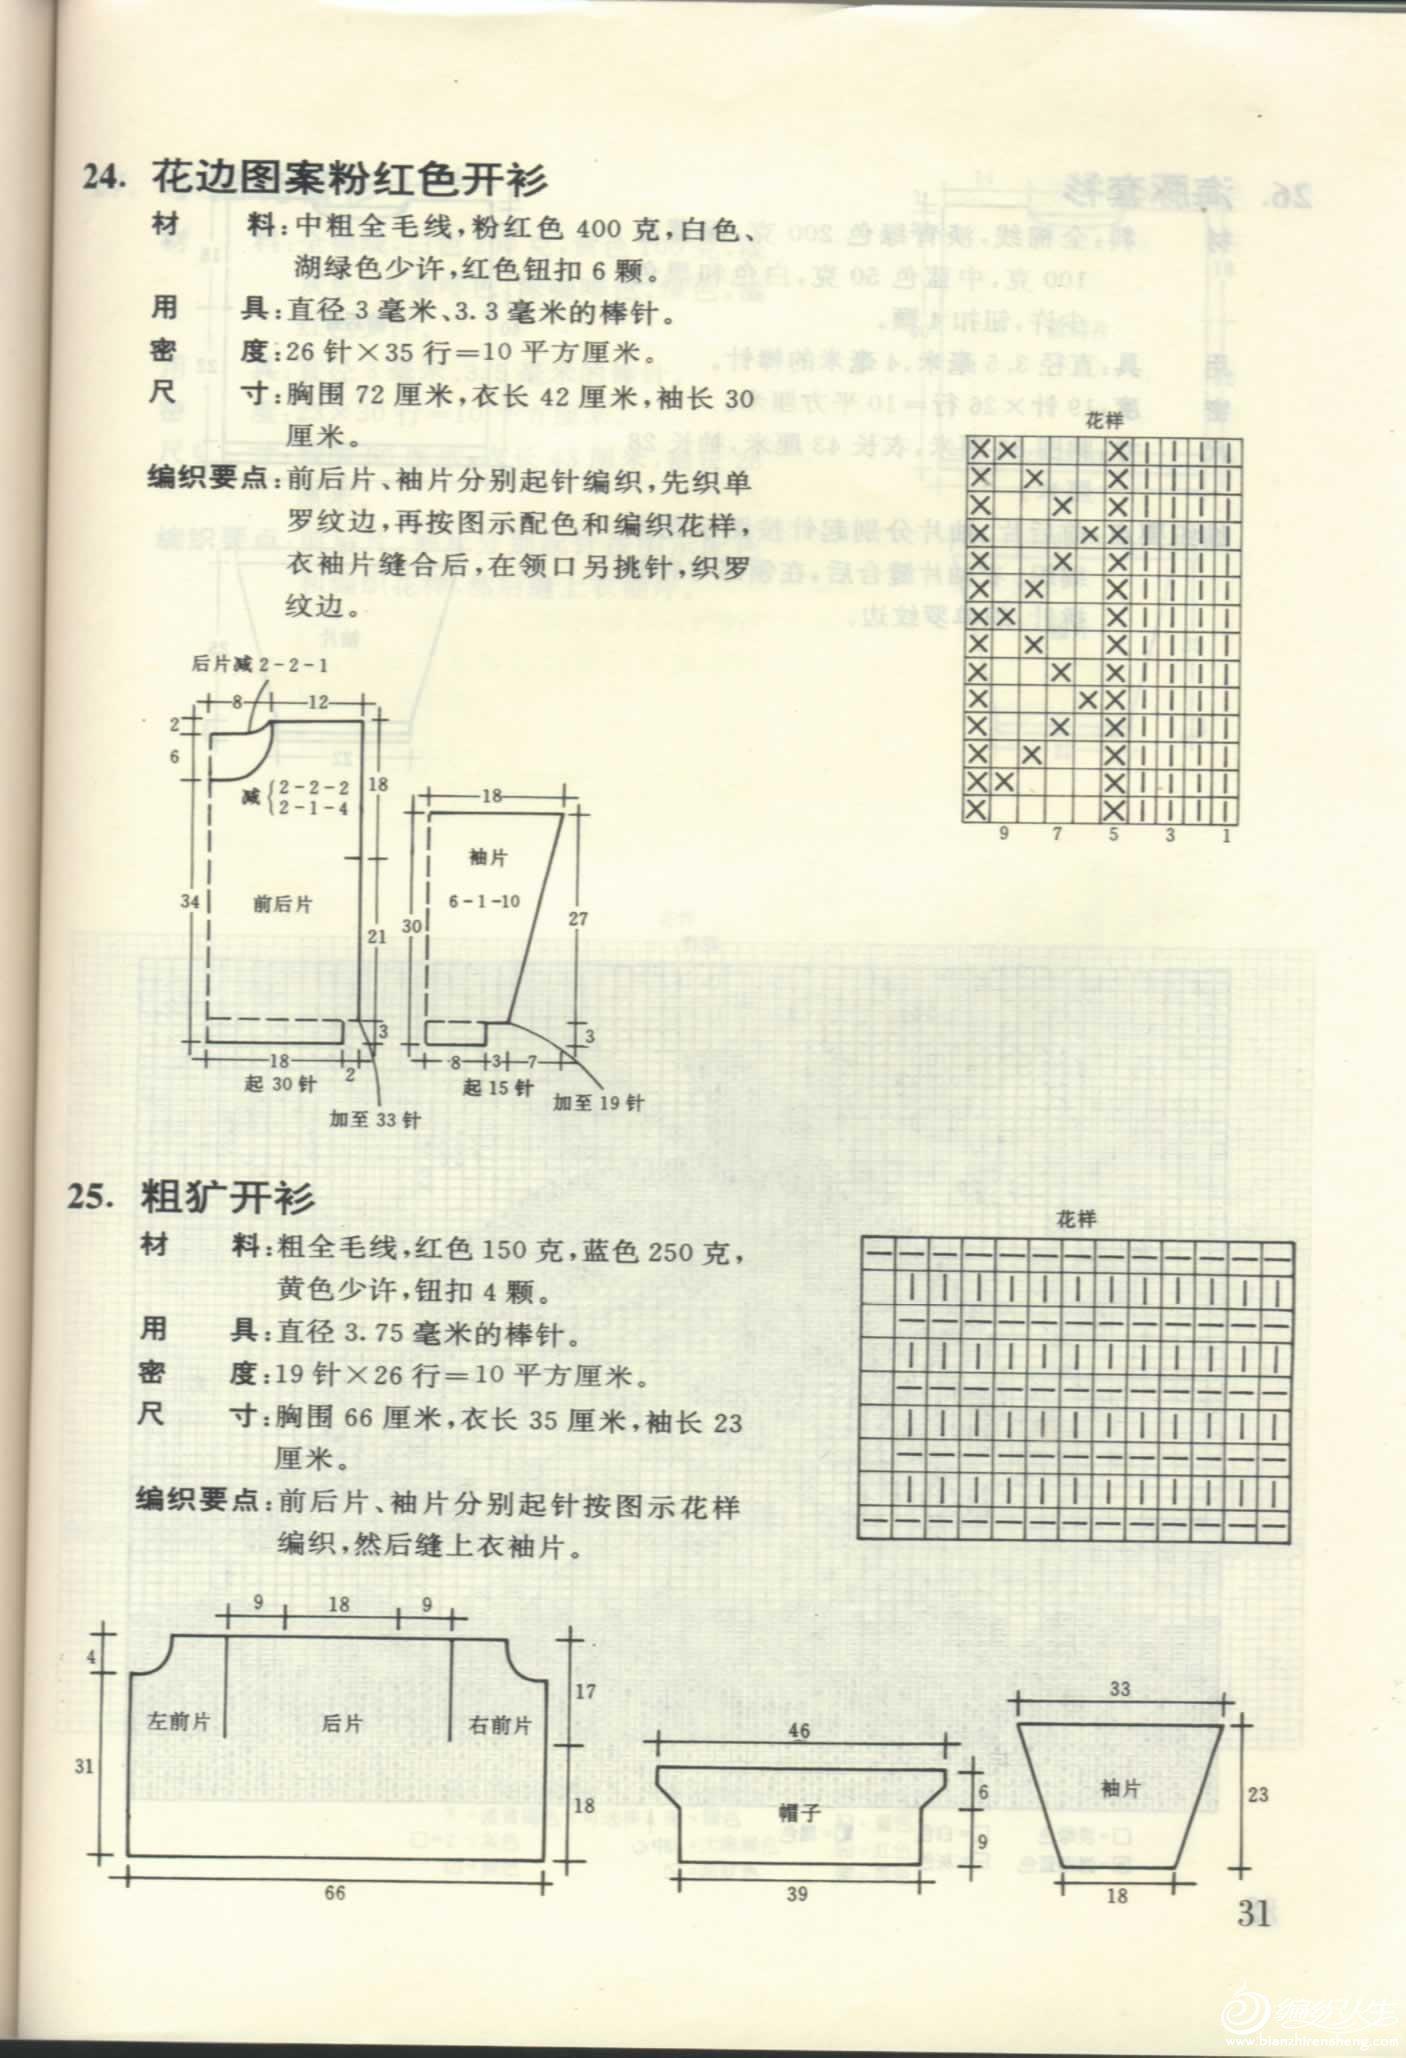 33_19059.jpg